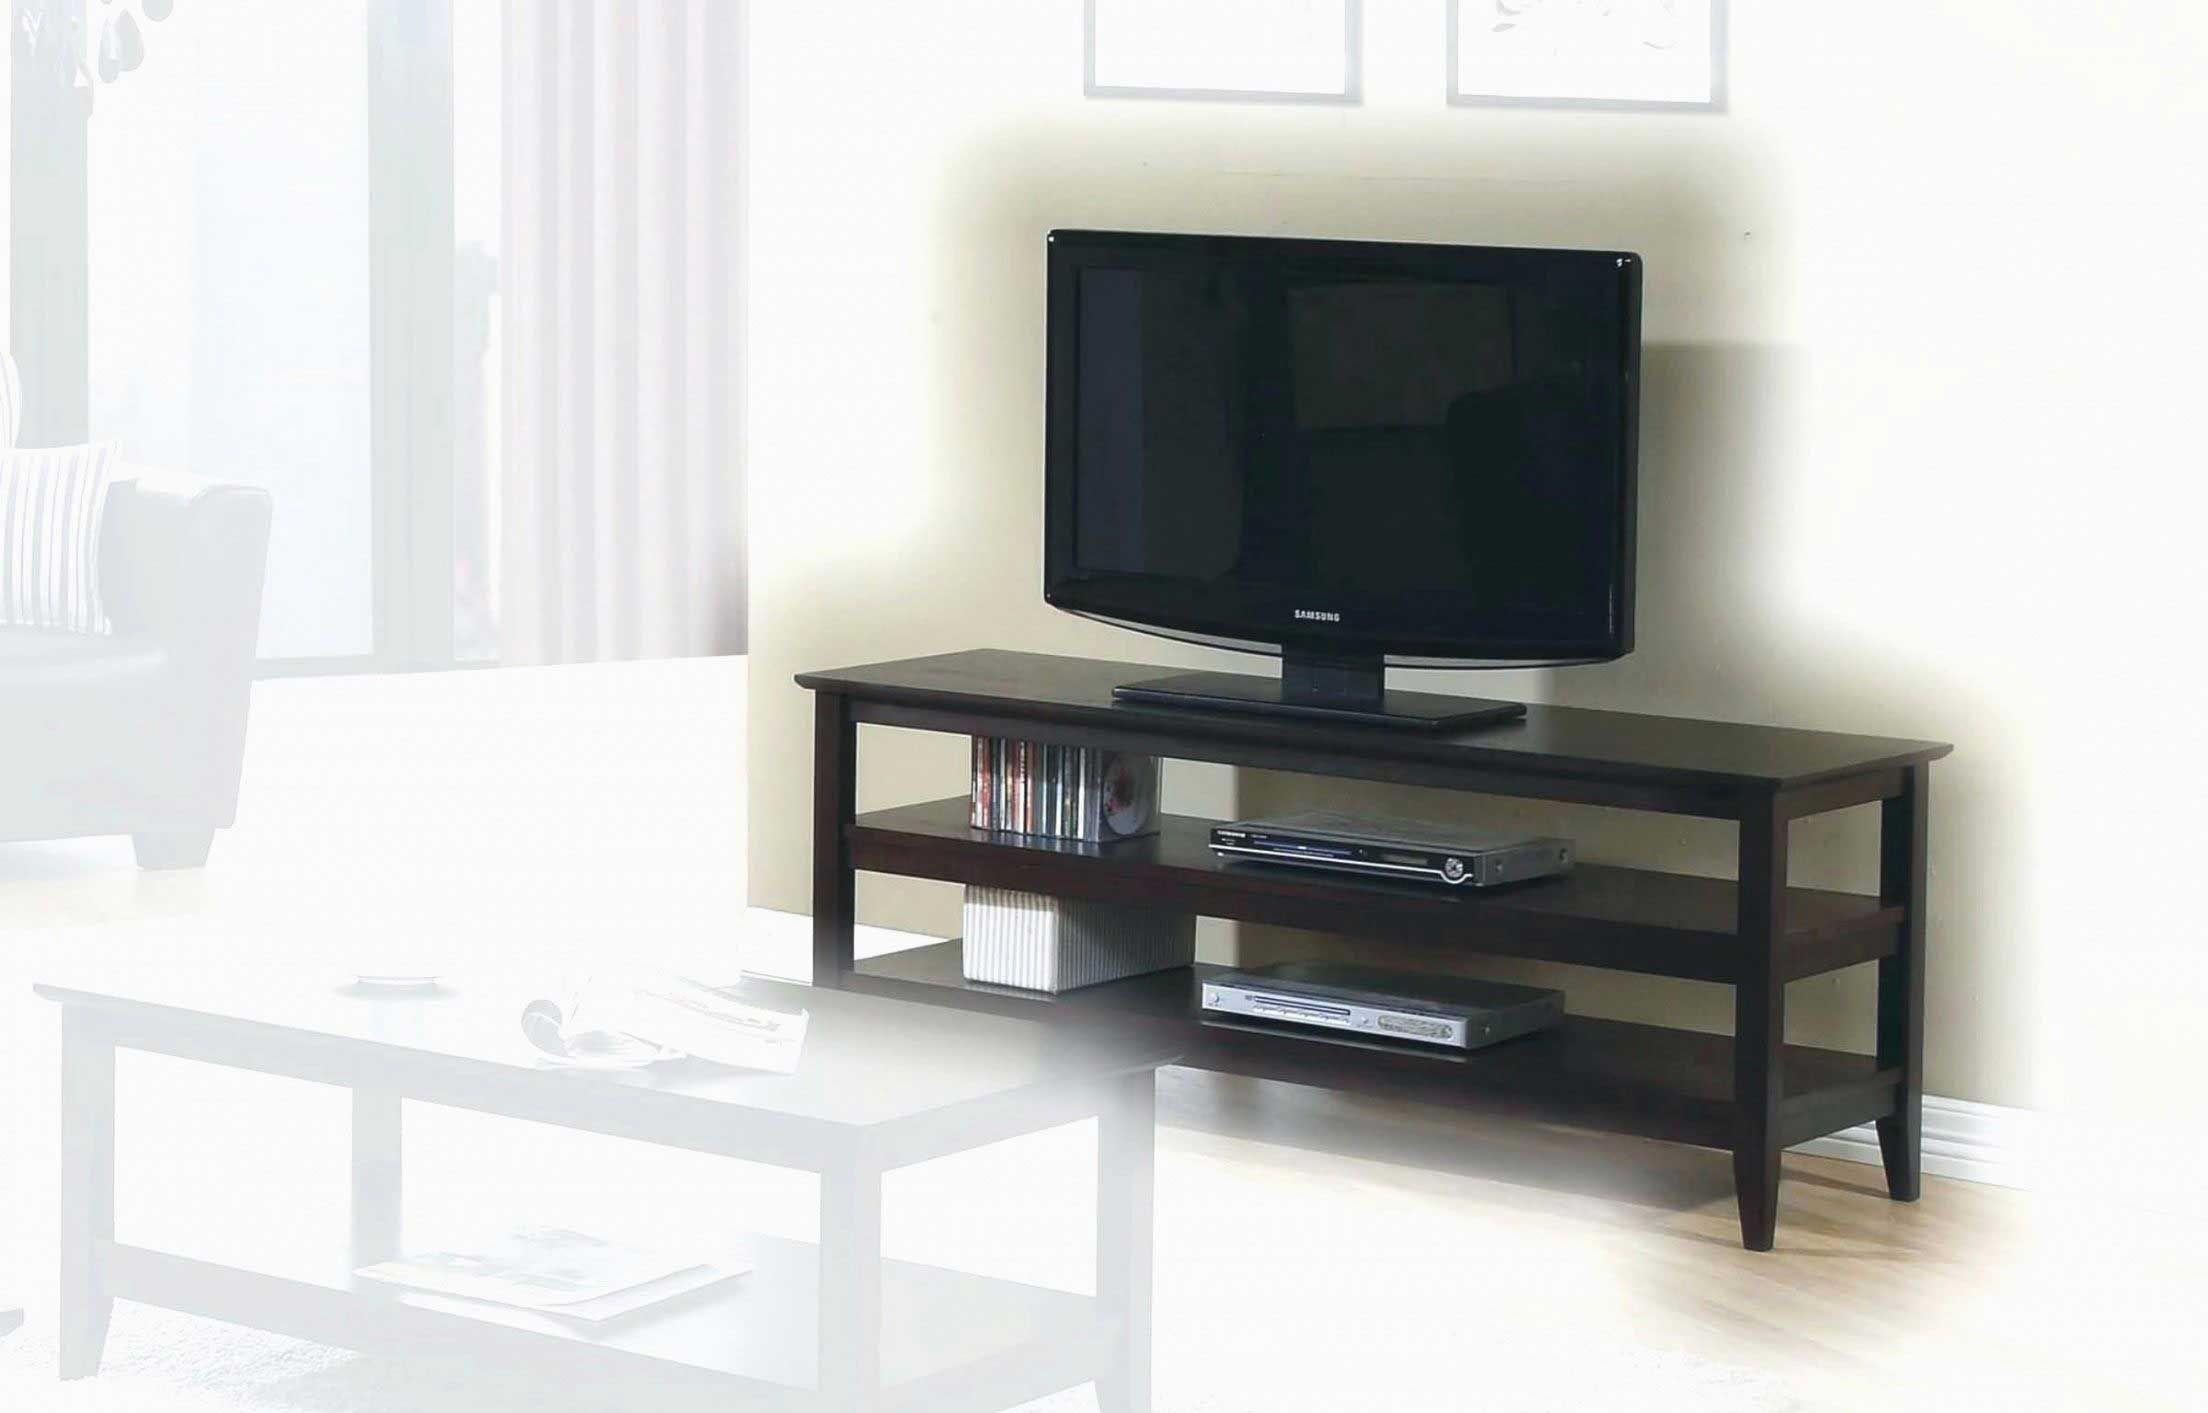 Meuble Salon Blanc Inspire Rpc Meuble Tv Suspendu Blanc Rpclefilm De Meuble Salon Blanc En 2020 Mobilier De Salon Meuble